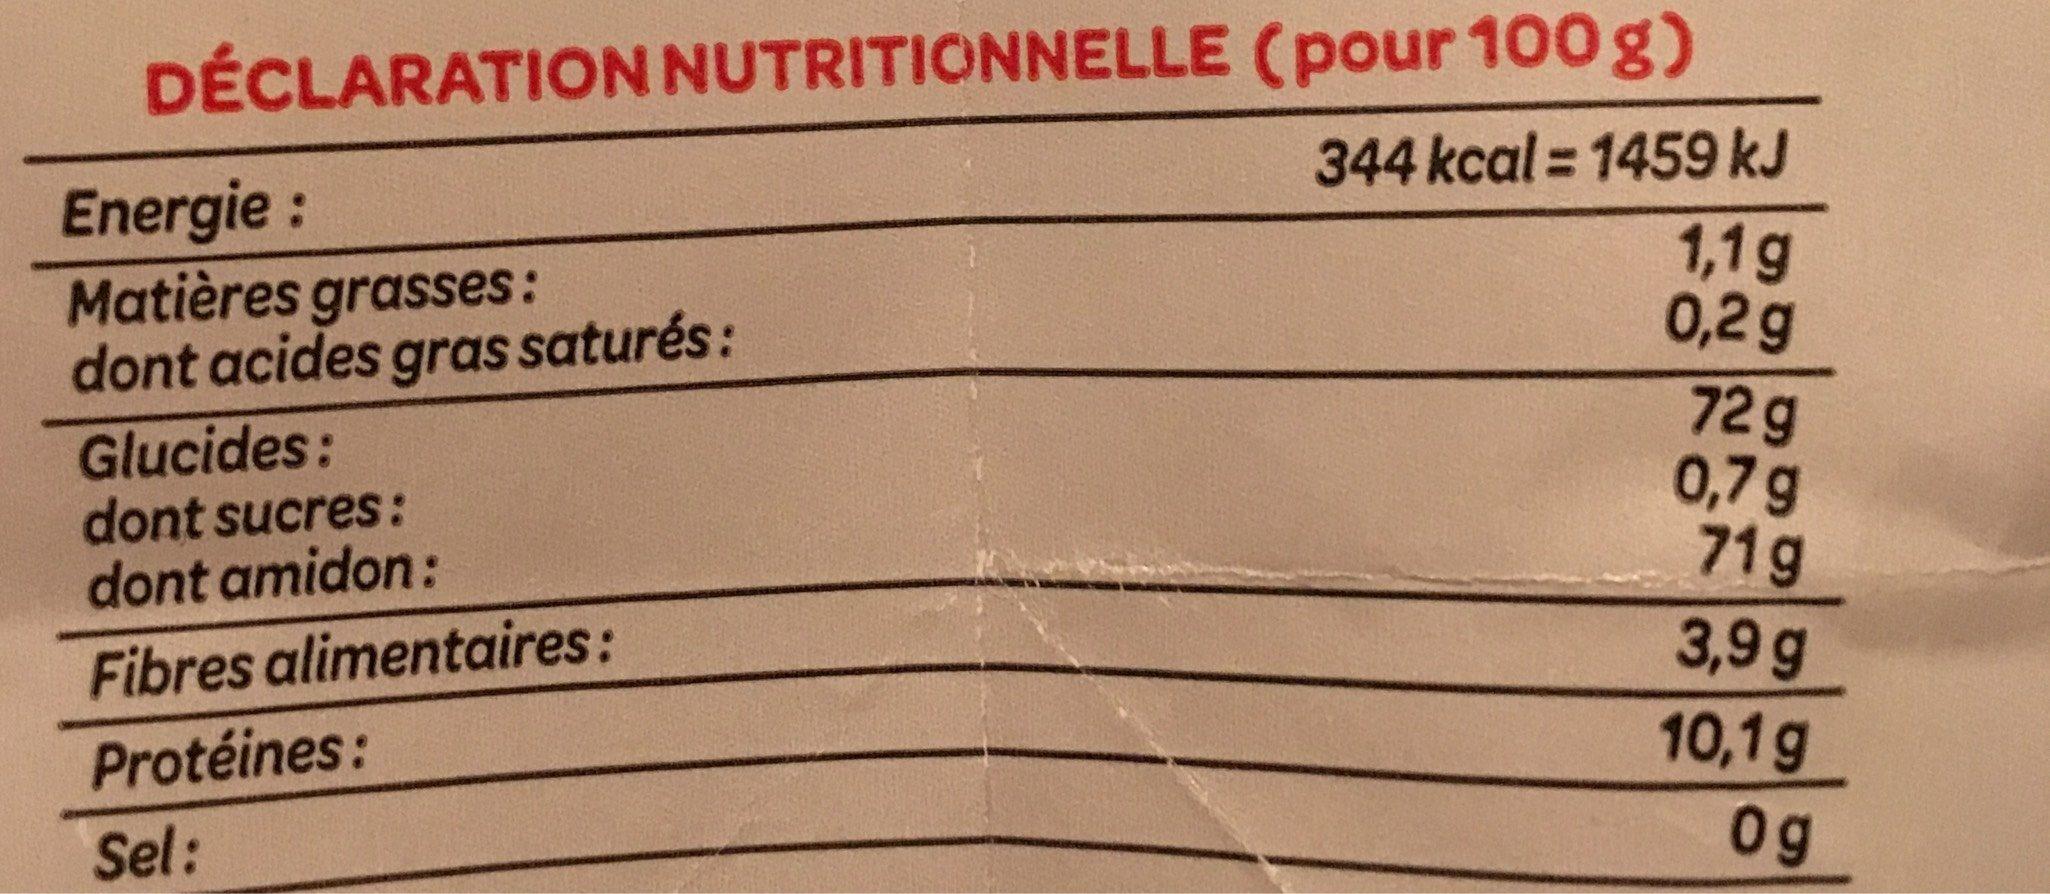 Farine de ble fluide PROMO : 25% - Informations nutritionnelles